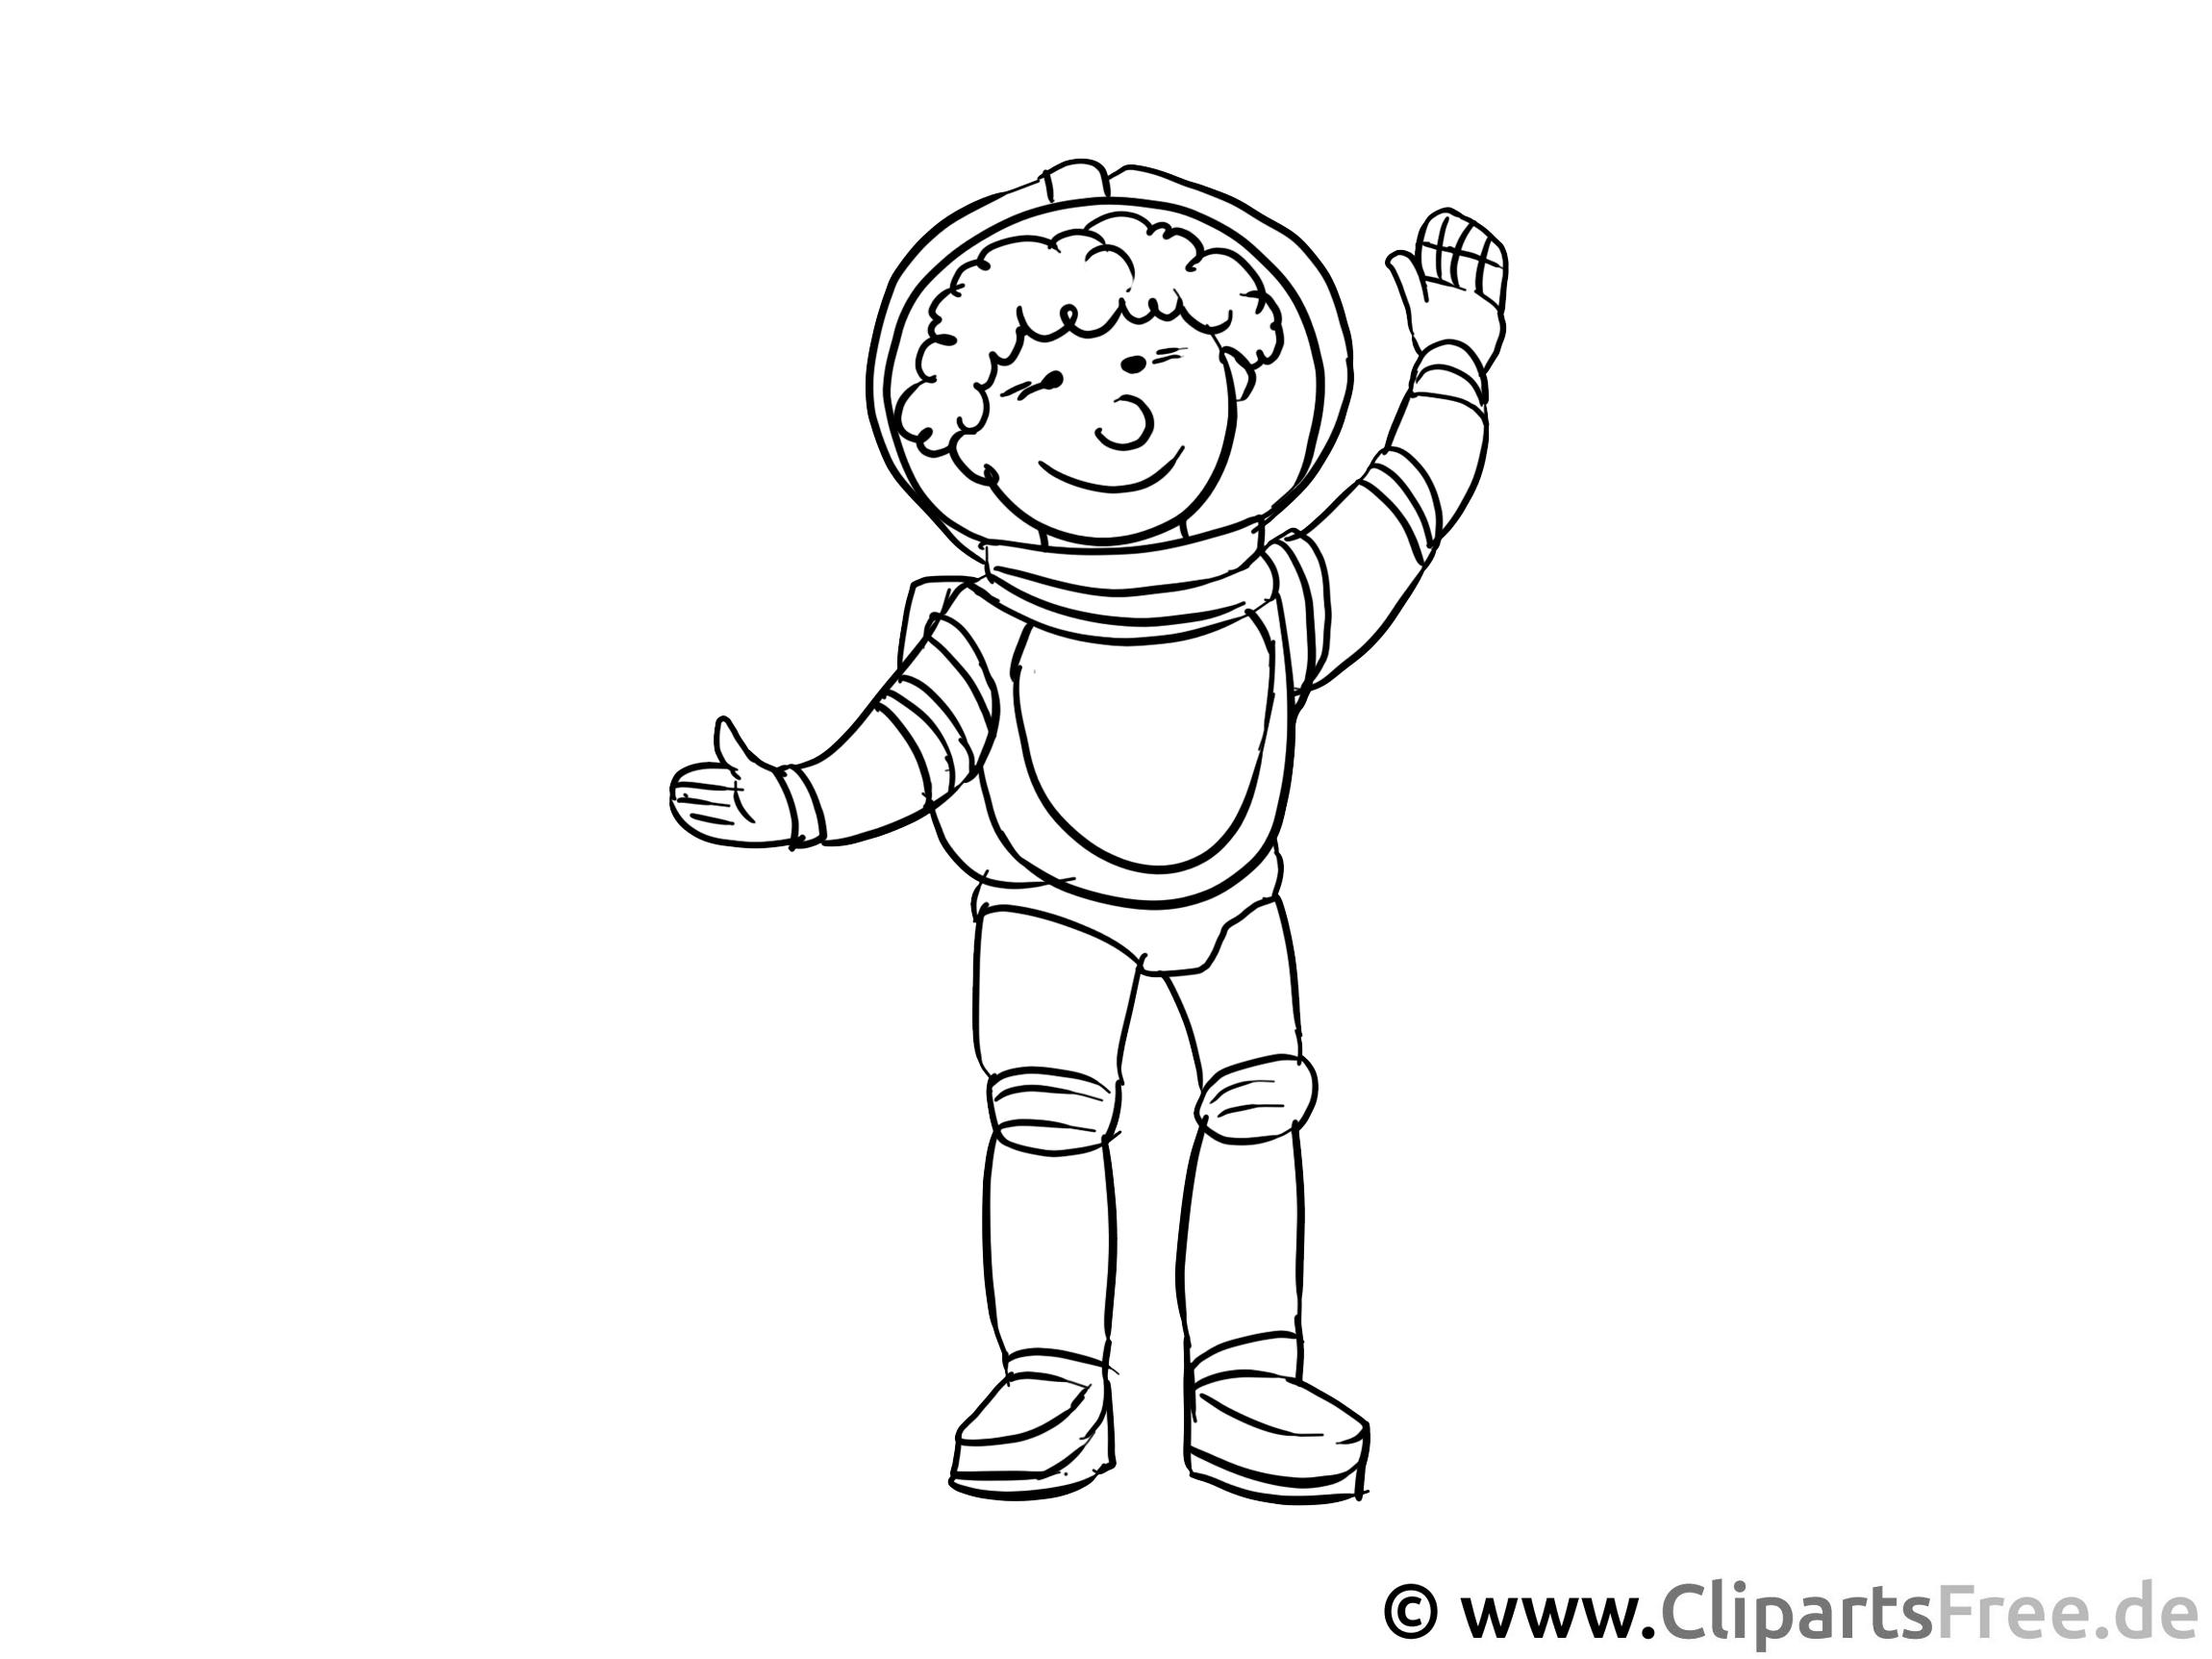 Astronaut Malvorlage - Ausmalbilder Berufe zum Ausdrucken